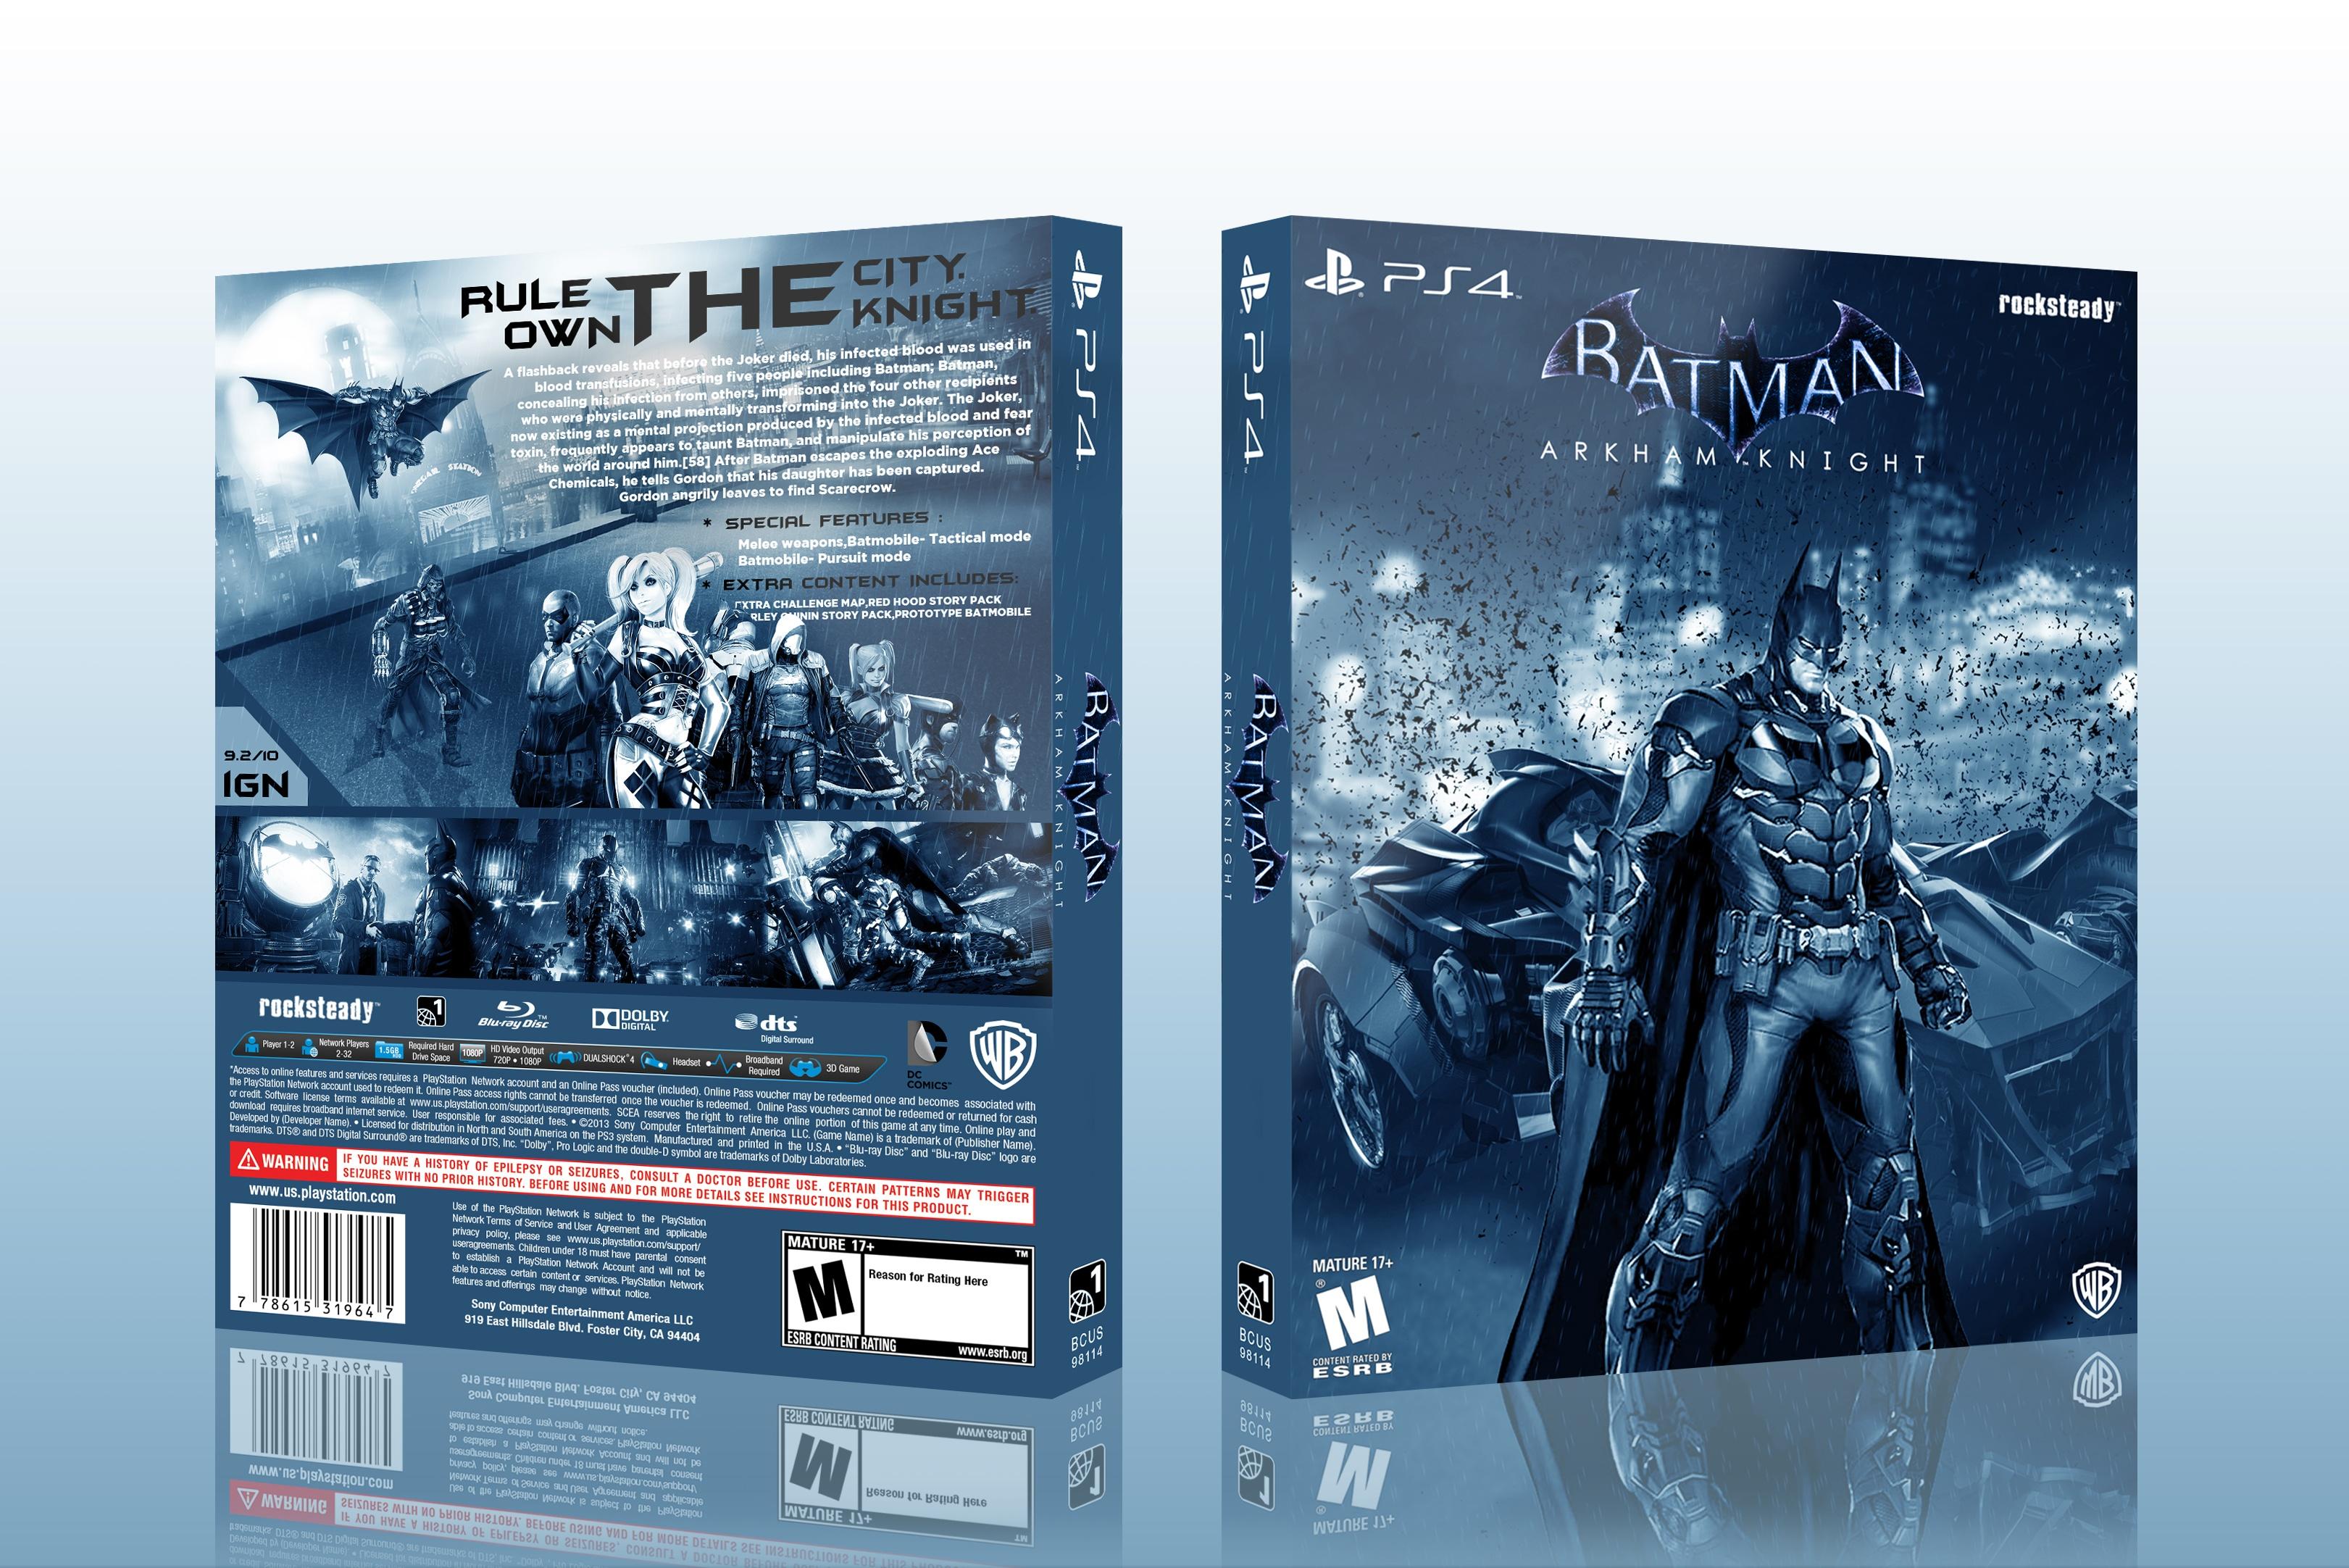 Batman: Arkham Knight PlayStation 4 Box Art Cover by edward91